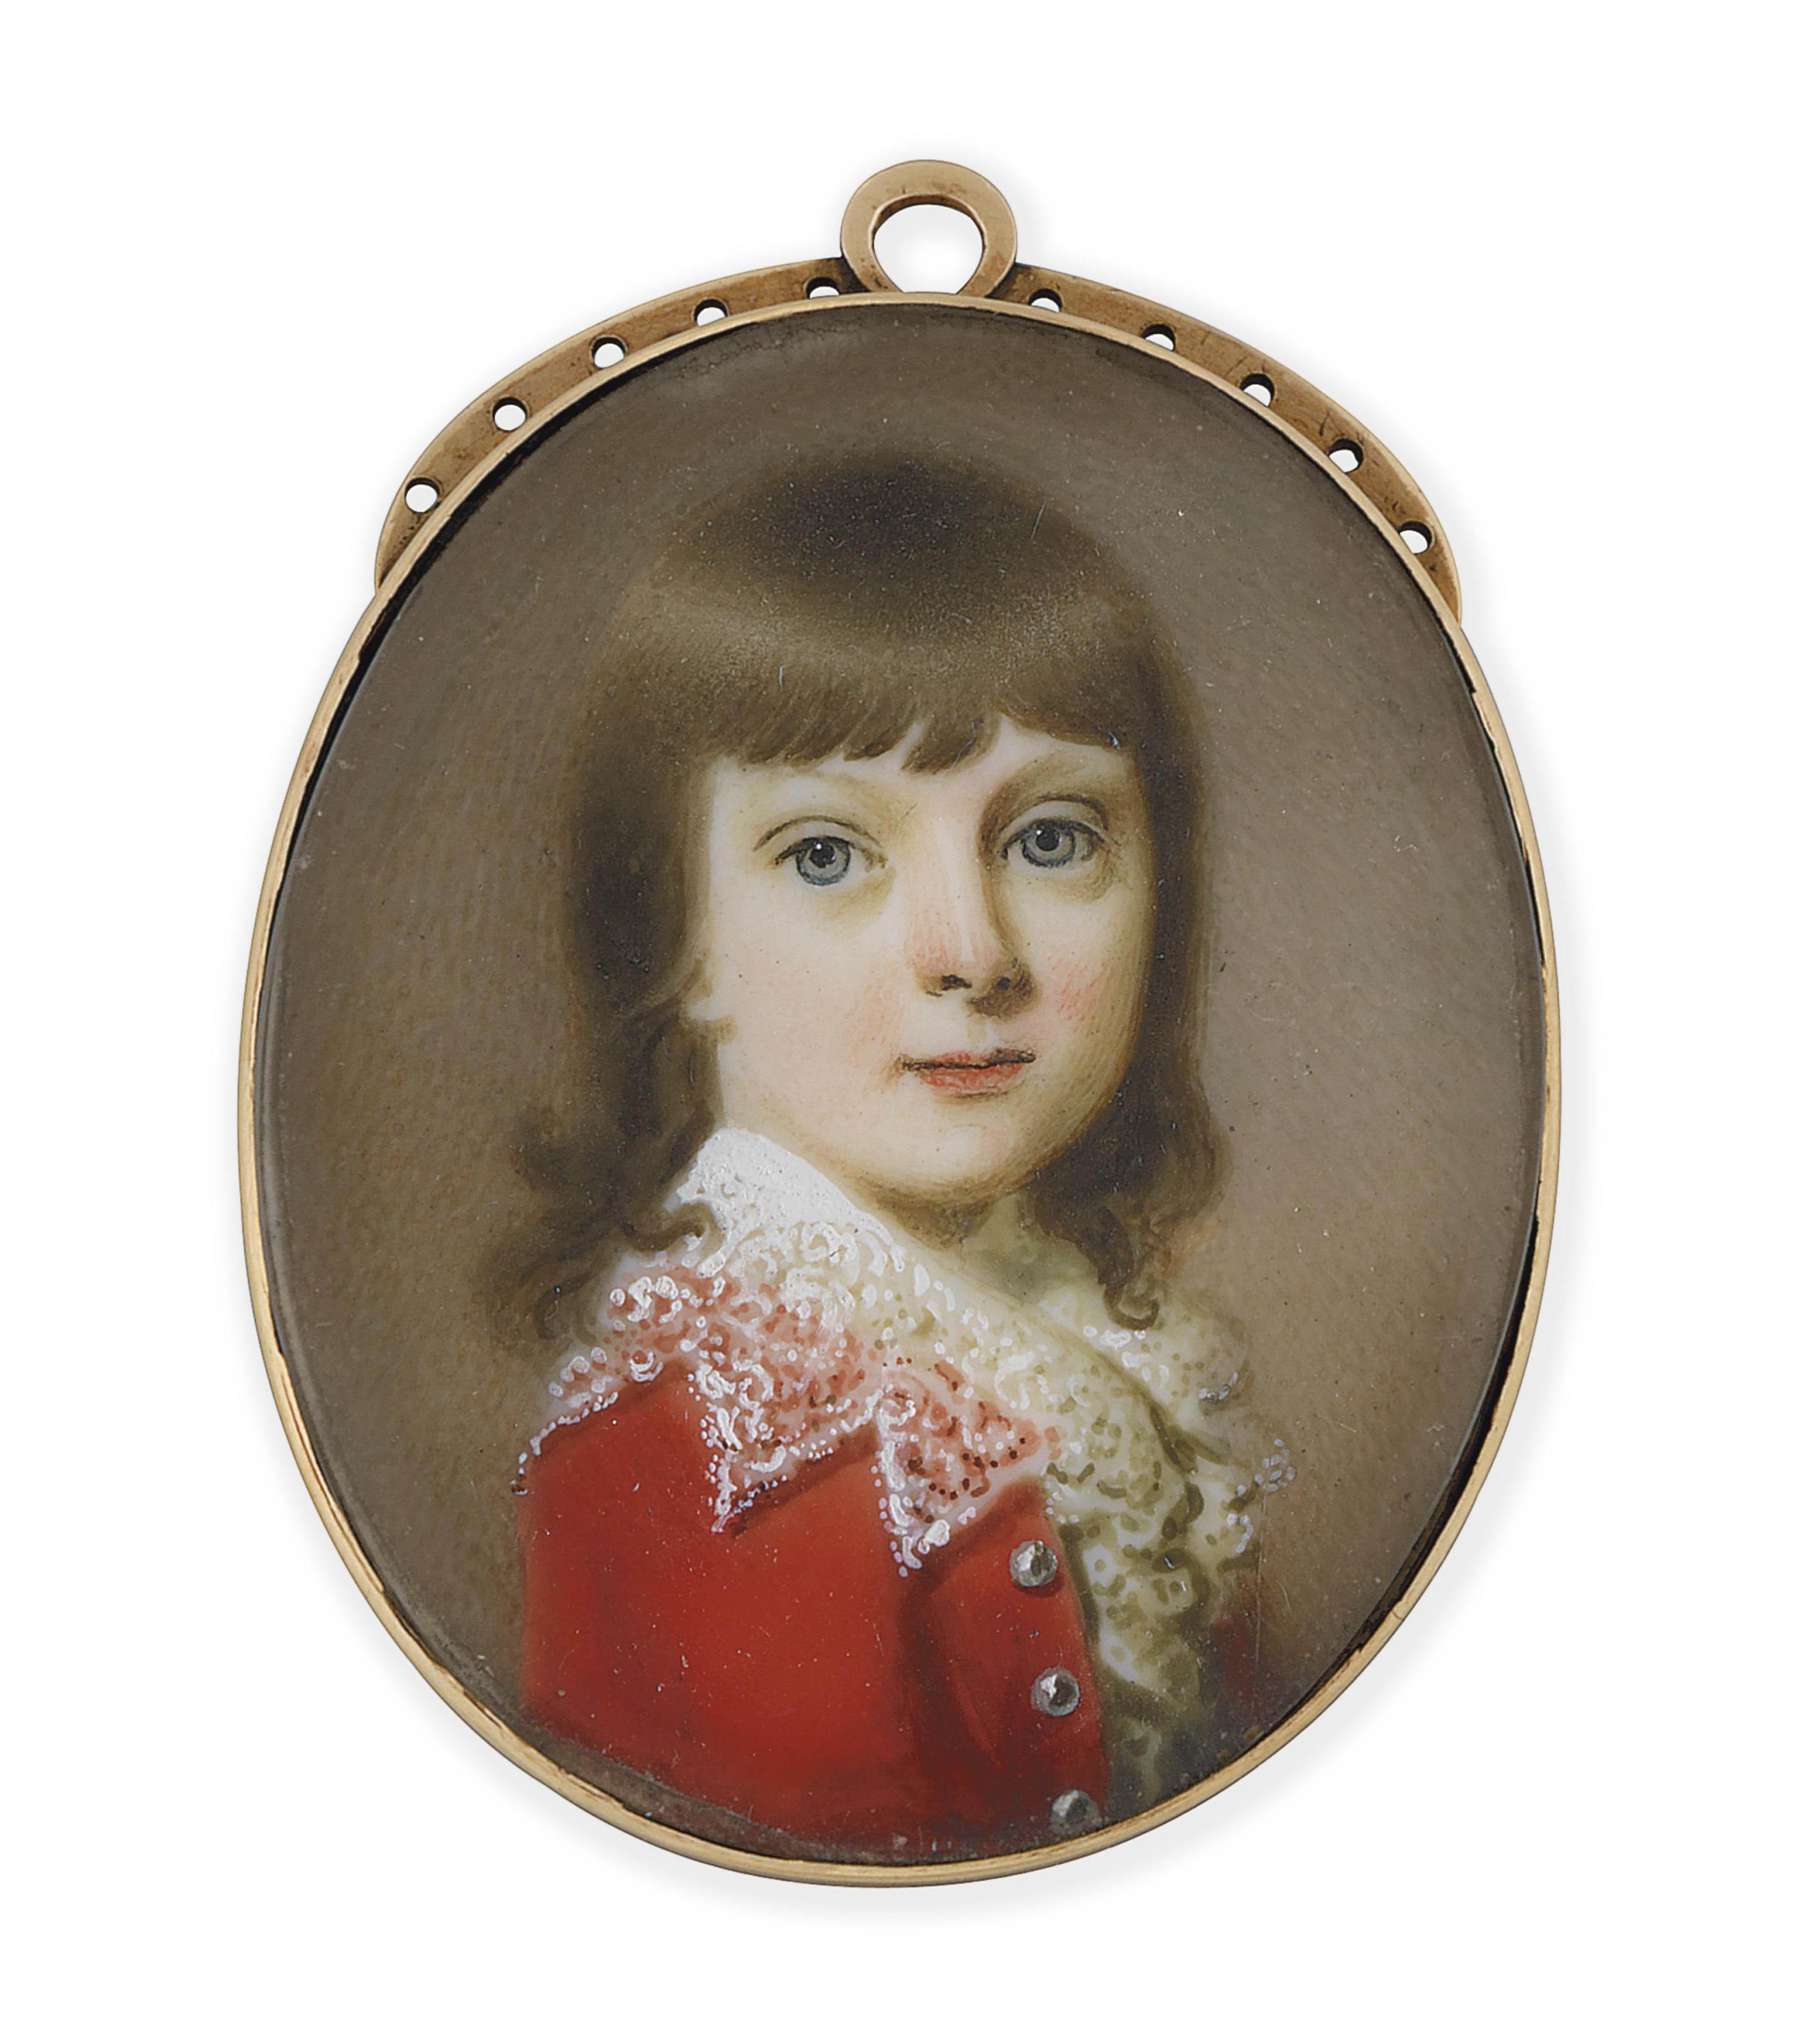 ABRAHAM DANIEL (BRITISH, C. 1750-1806) OR JOSEPH DANIEL (BRITISH, C. 1760-1803)